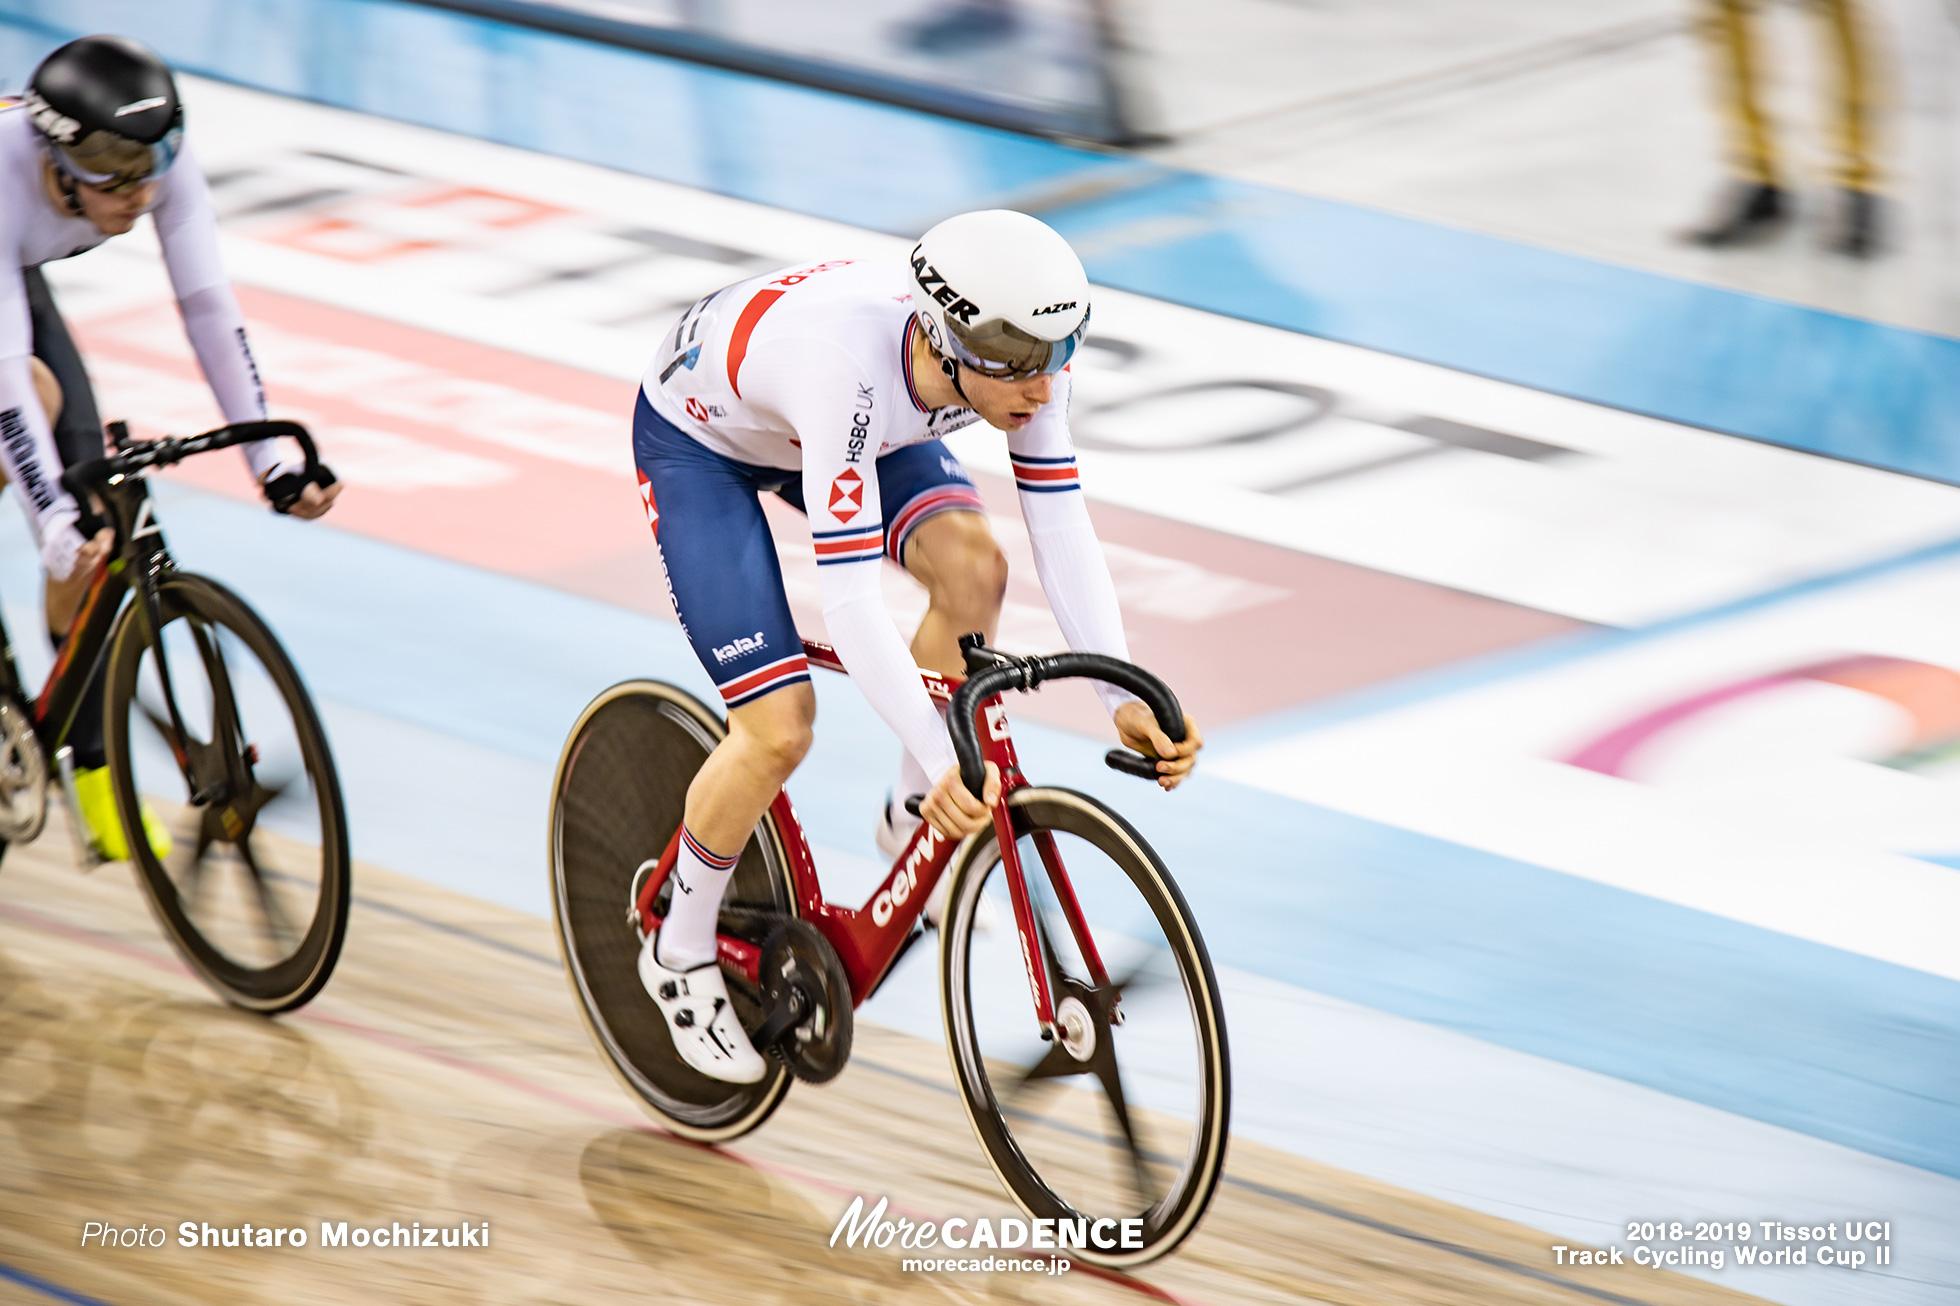 2018-2019 Tissot UCI Track Cycling World Cup II Men's Omnium